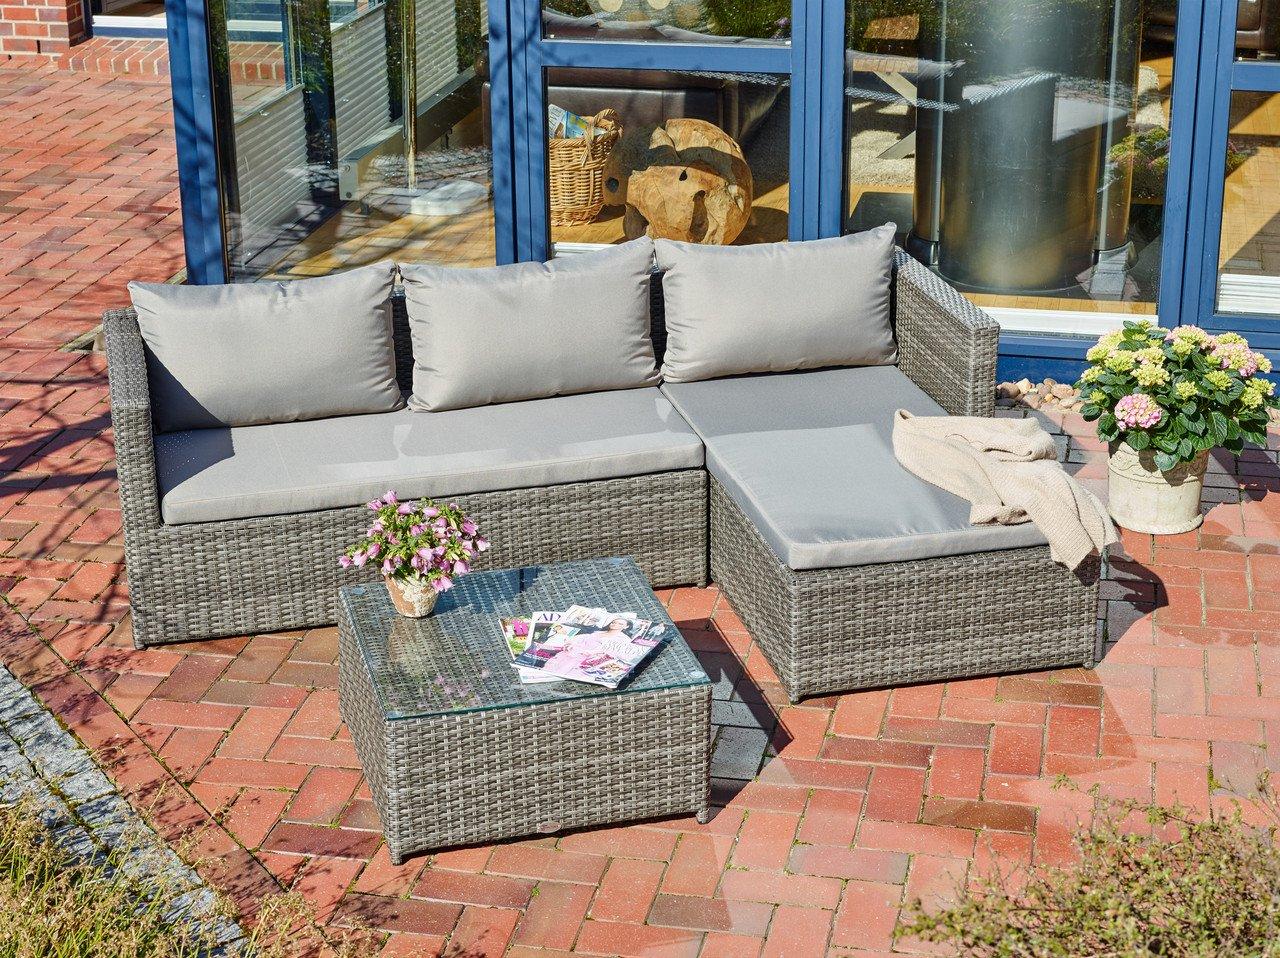 Destiny Lounge Turin 2 Gartenmöbelset Loungeset Balkonset Sitzgruppe Gartenmöbel